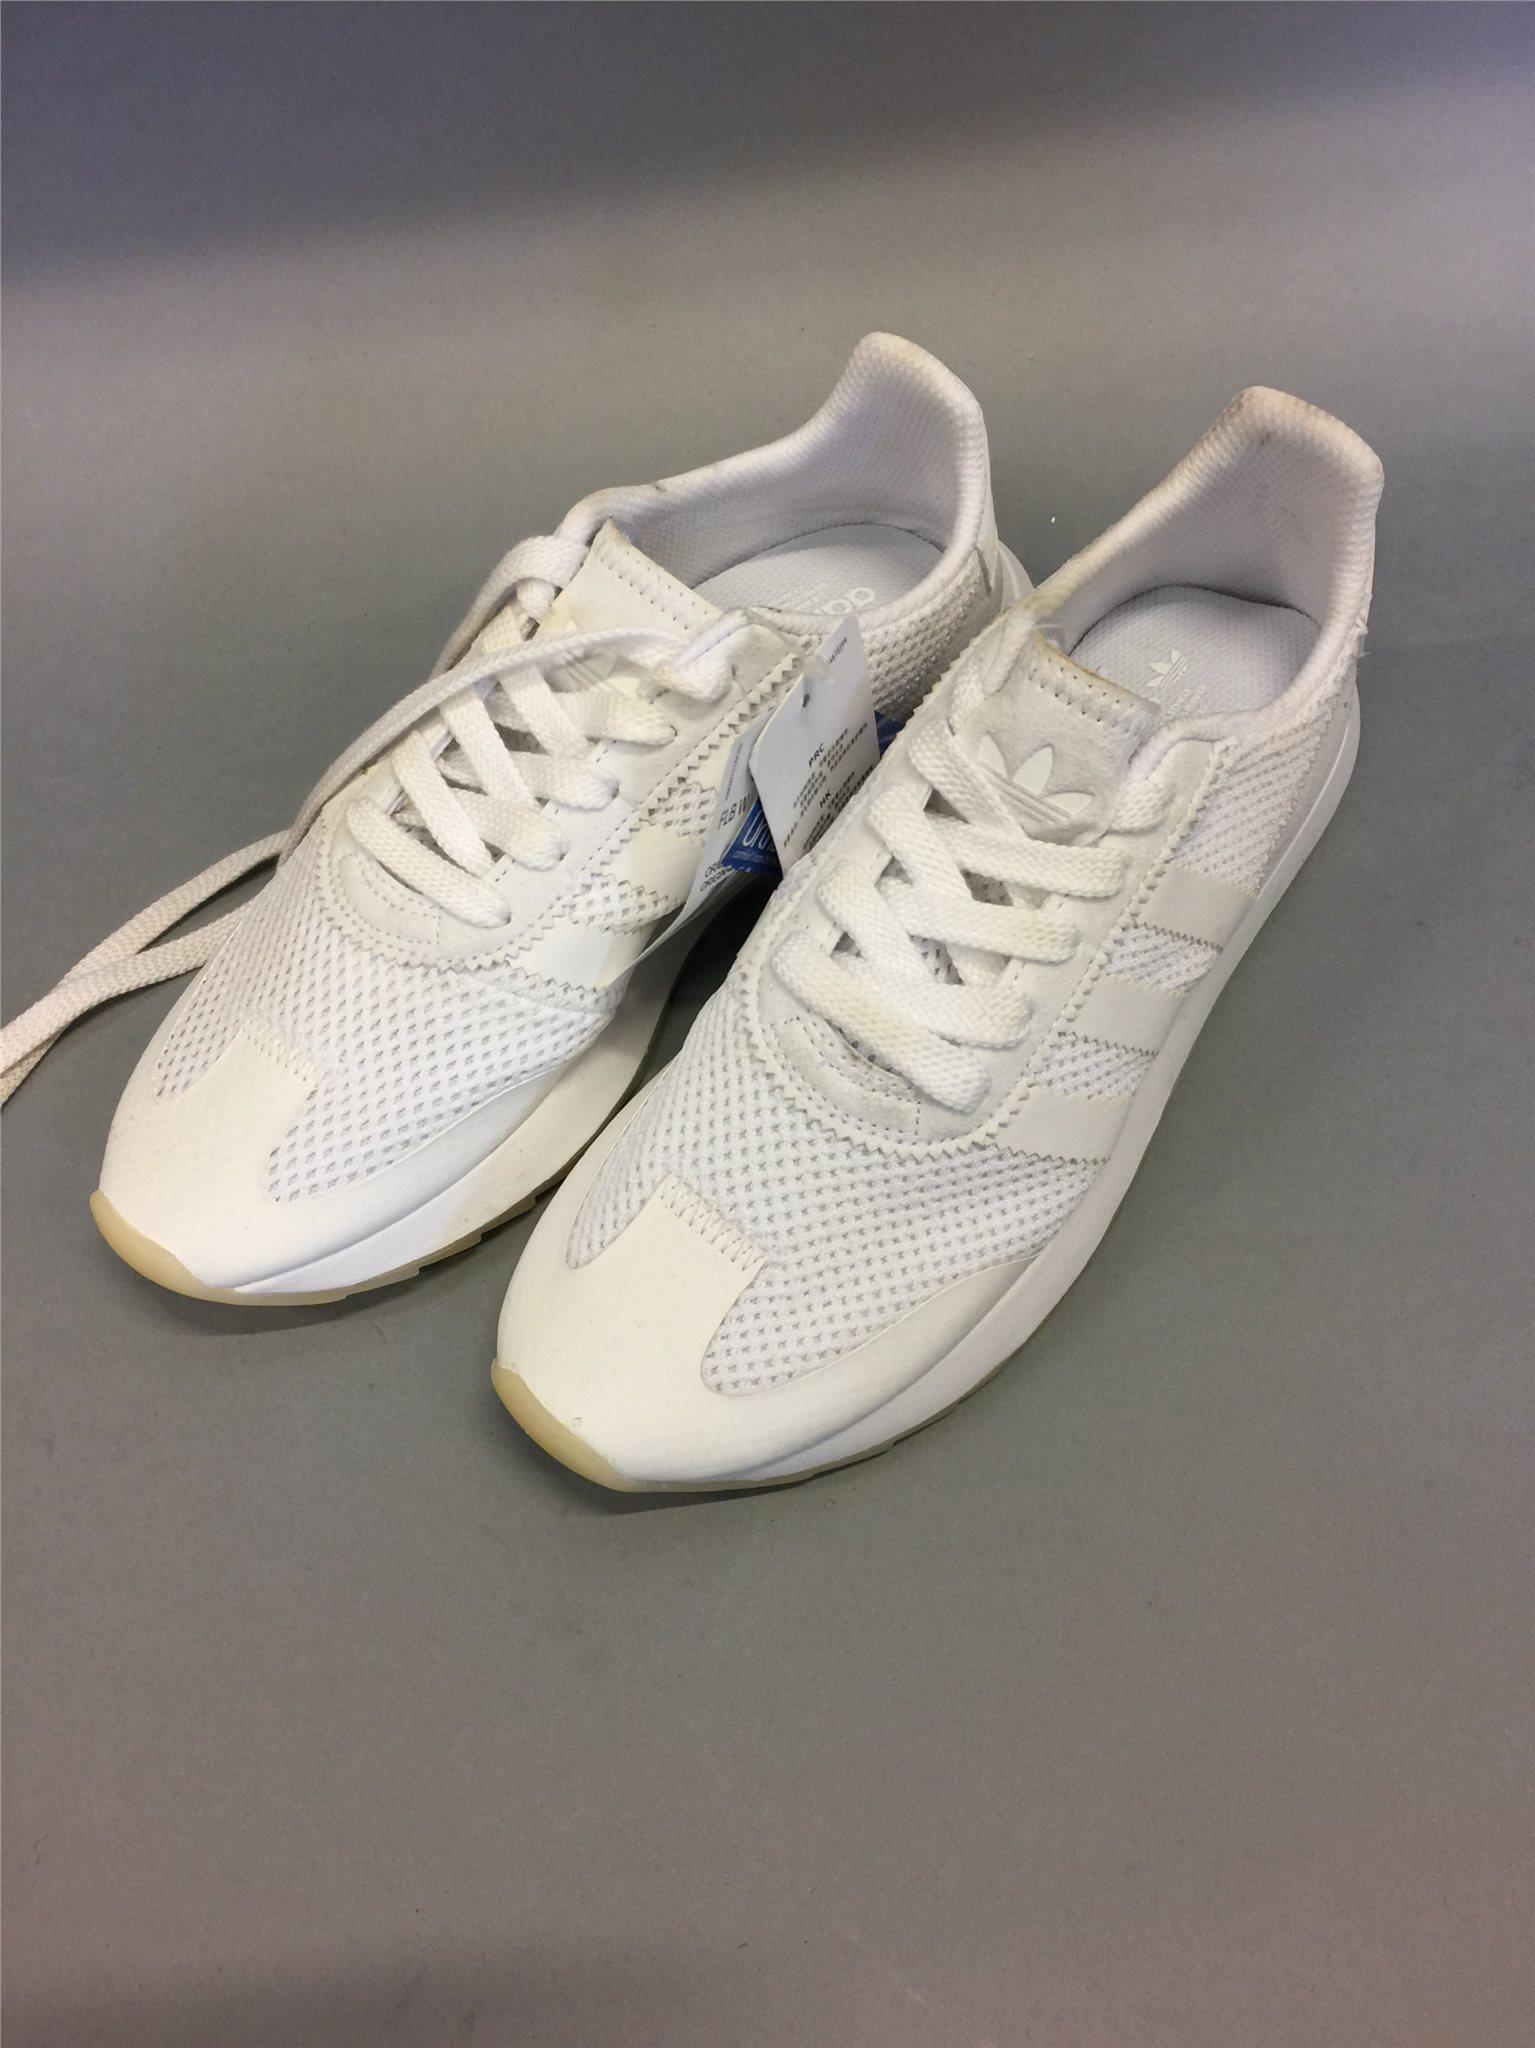 buy popular 6ee8f ae2c7 Adidas skor, storlek 38 2 3